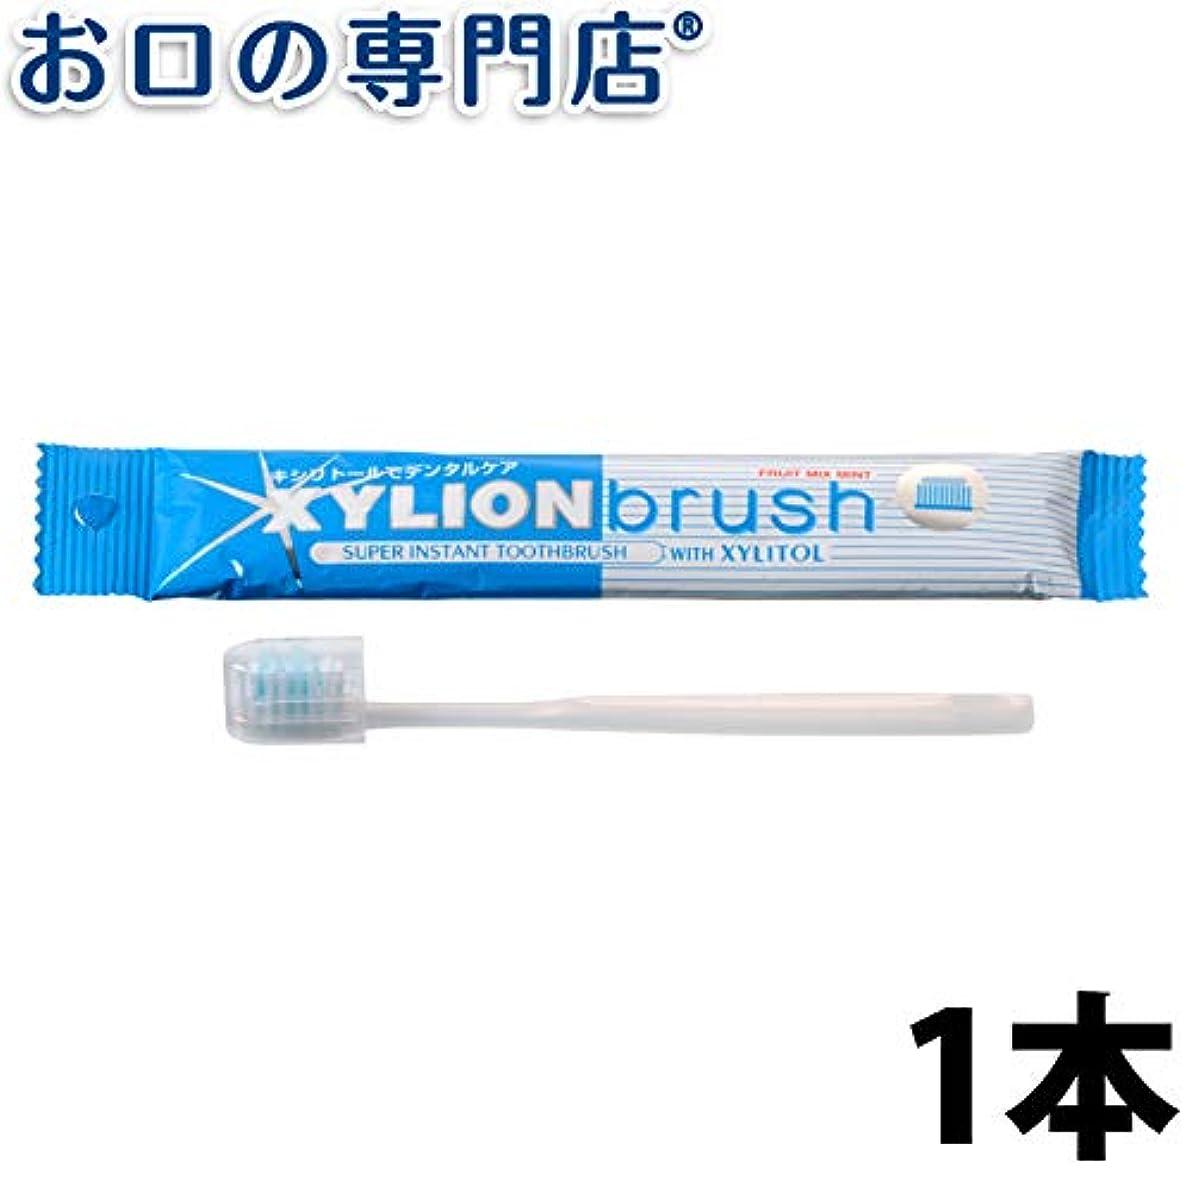 うん太平洋諸島武器キシリオンブラシ XYLION brush 1本